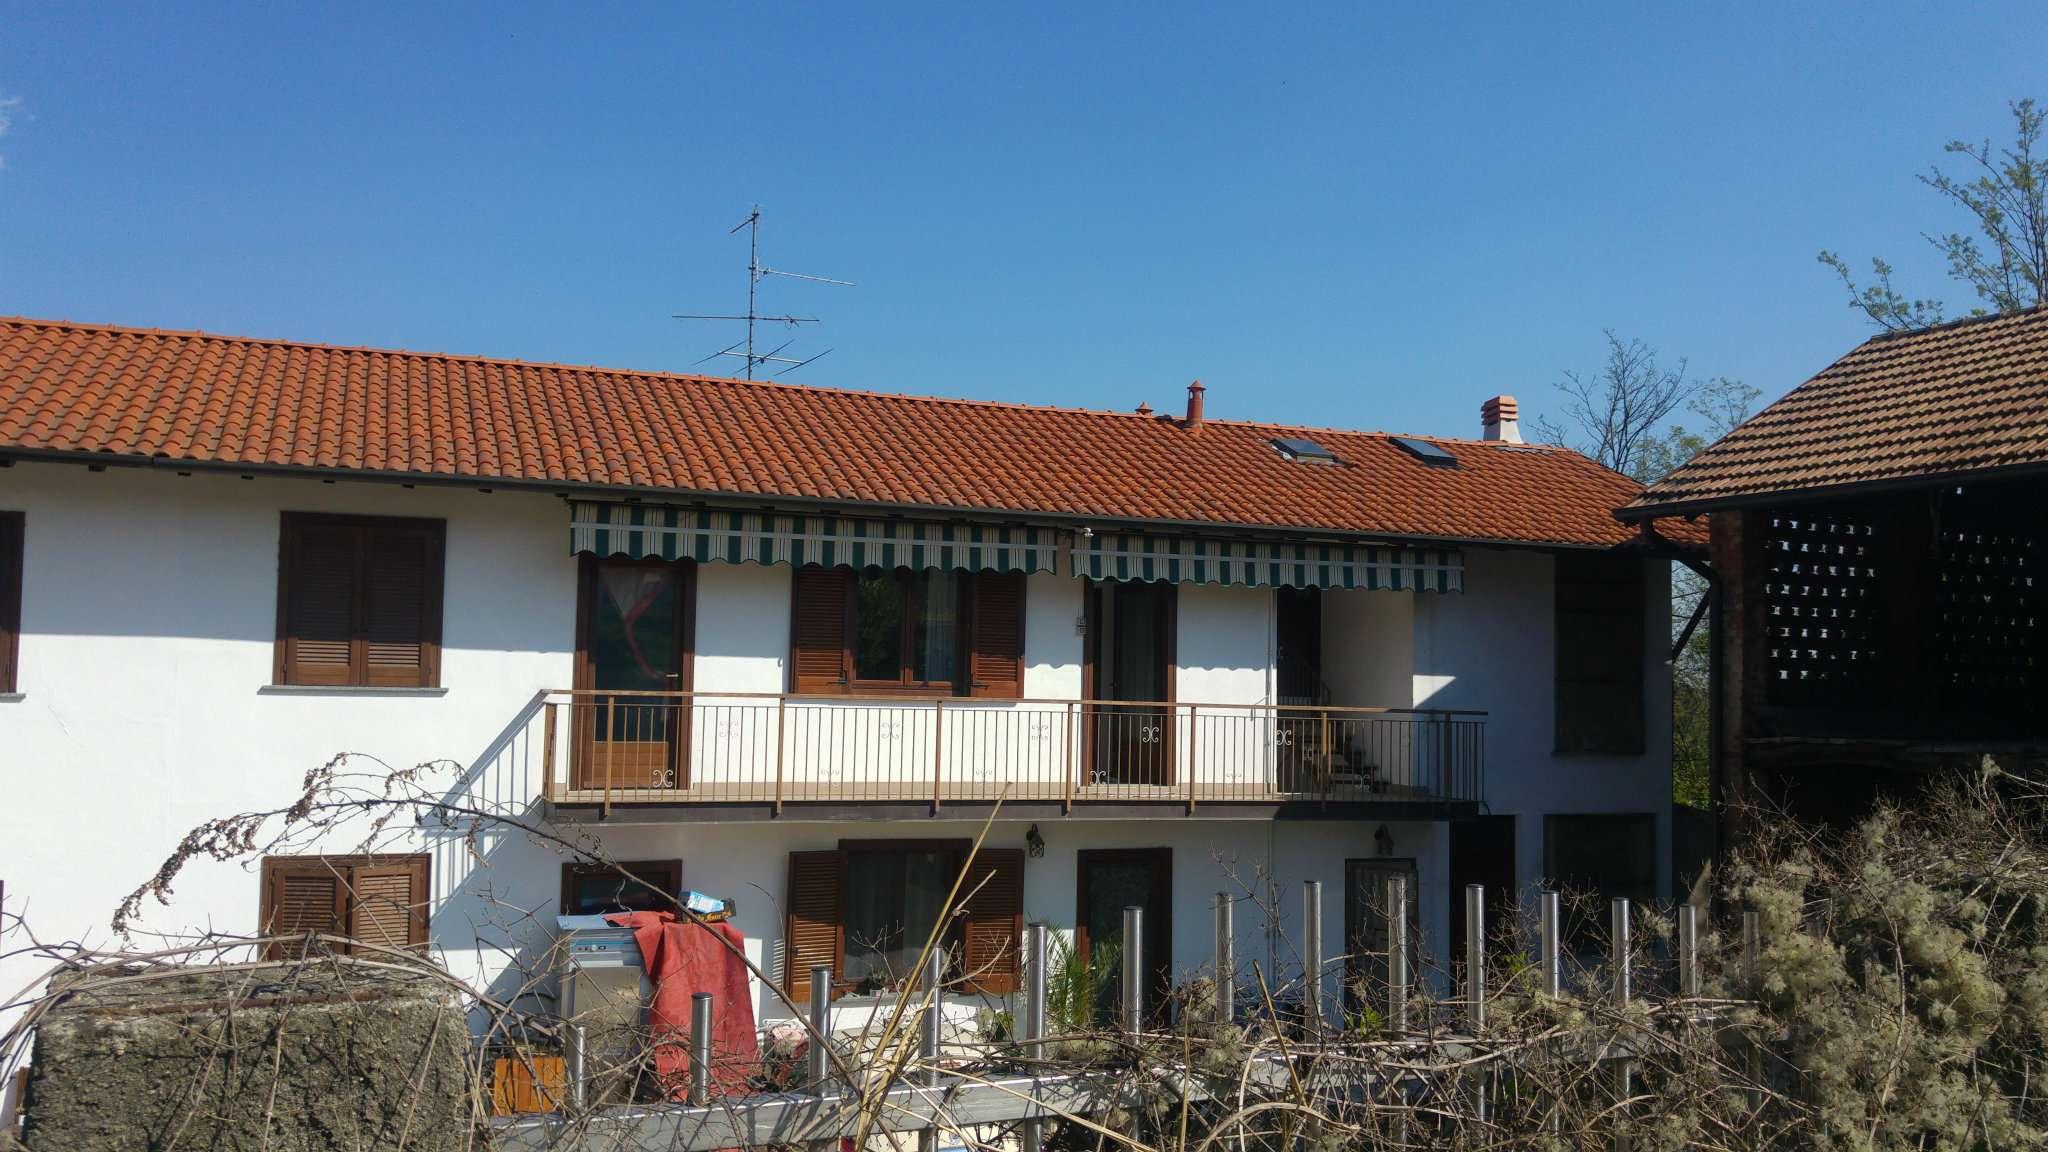 Appartamento in vendita a Fagnano Olona, 2 locali, prezzo € 80.000 | CambioCasa.it